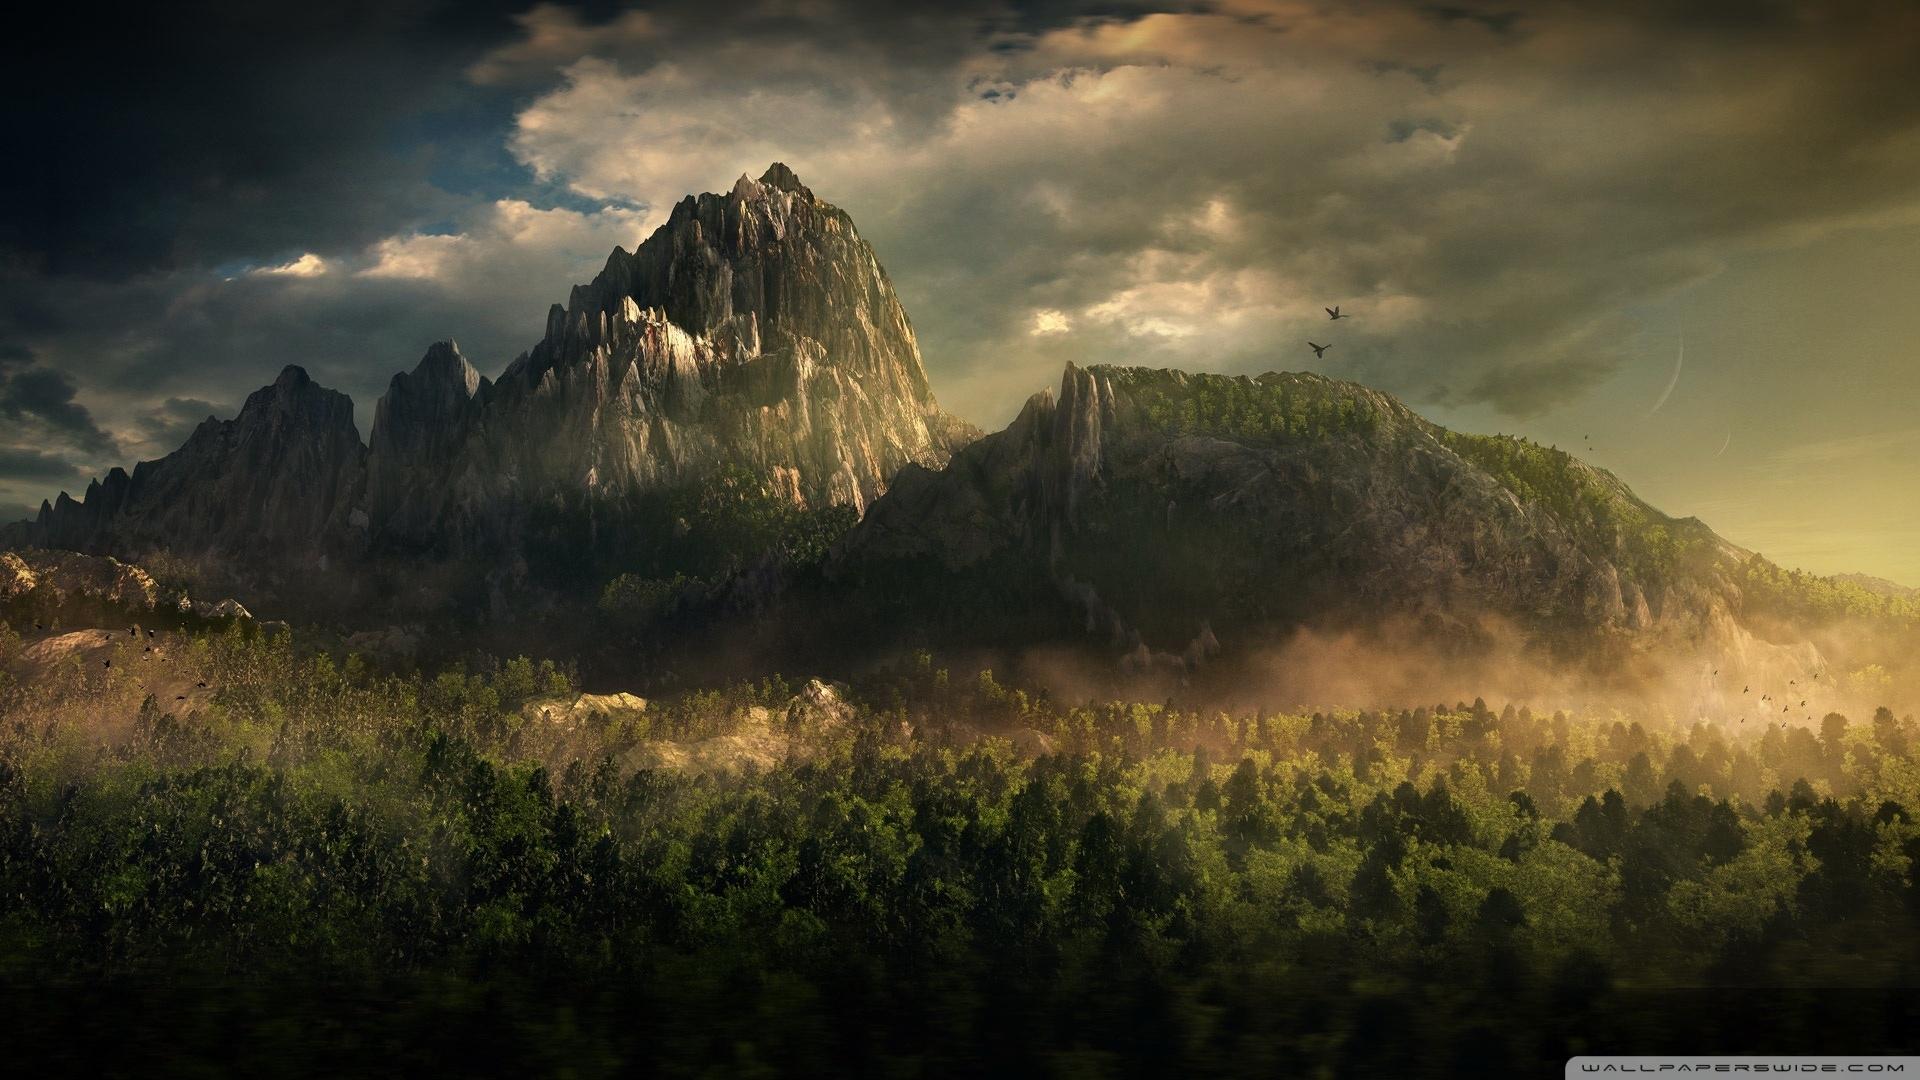 great mountain landscape ❤ 4k hd desktop wallpaper for 4k ultra hd